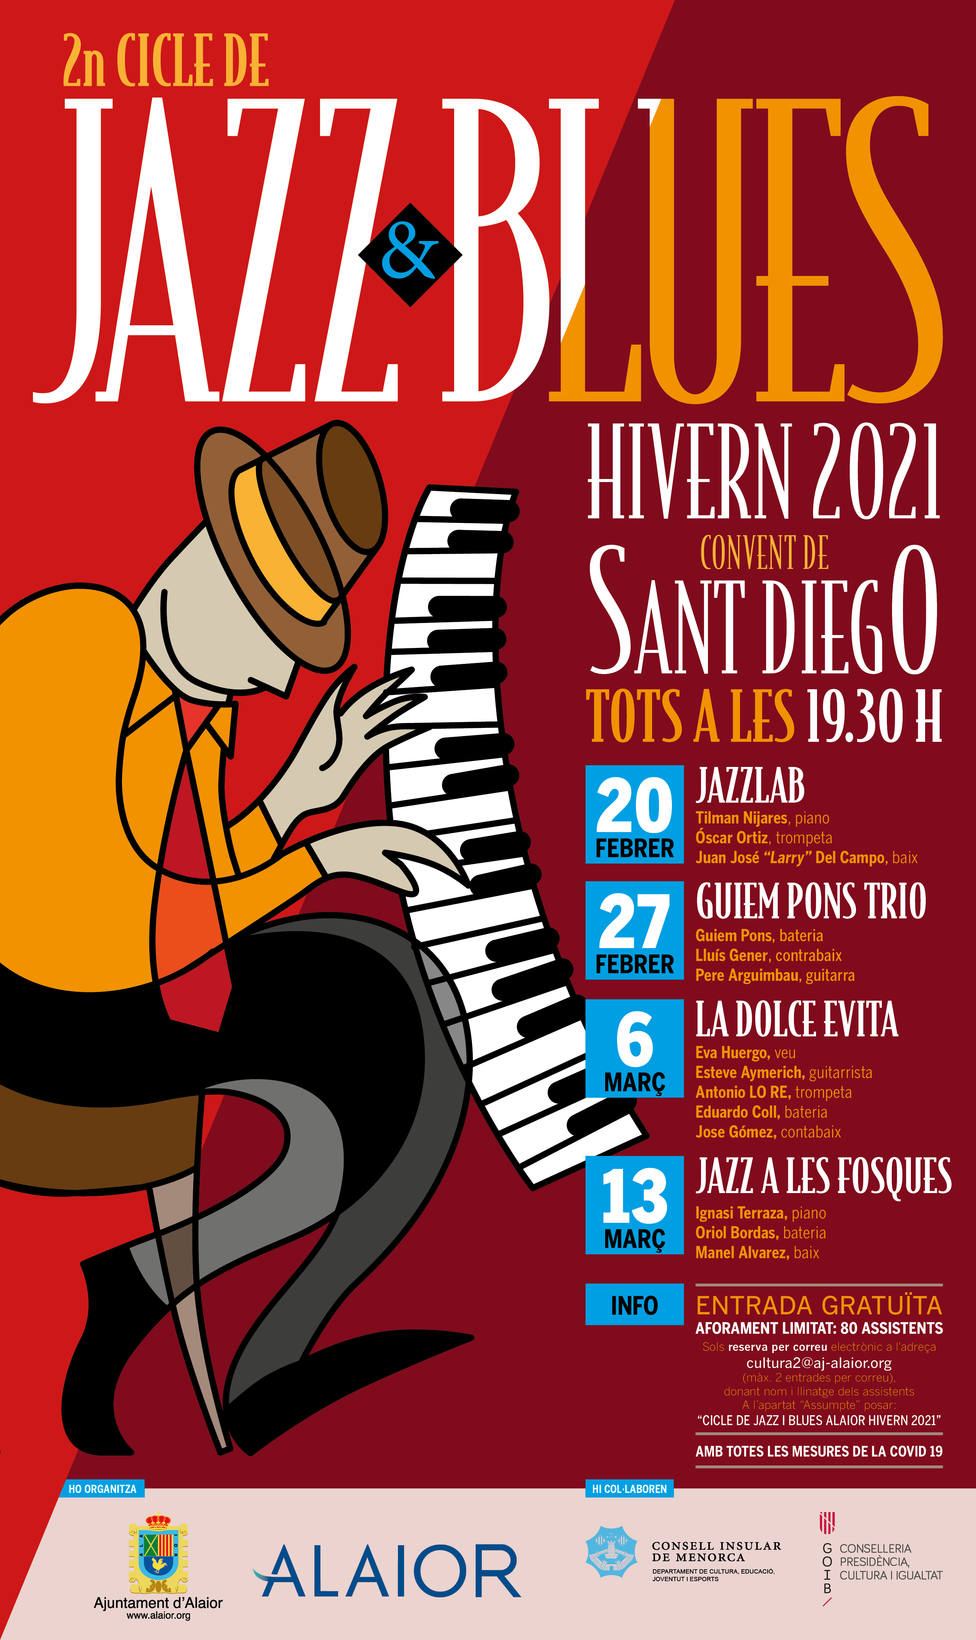 Jazz & Blues por los meses de febrero y marzo en elconvento de San Diego